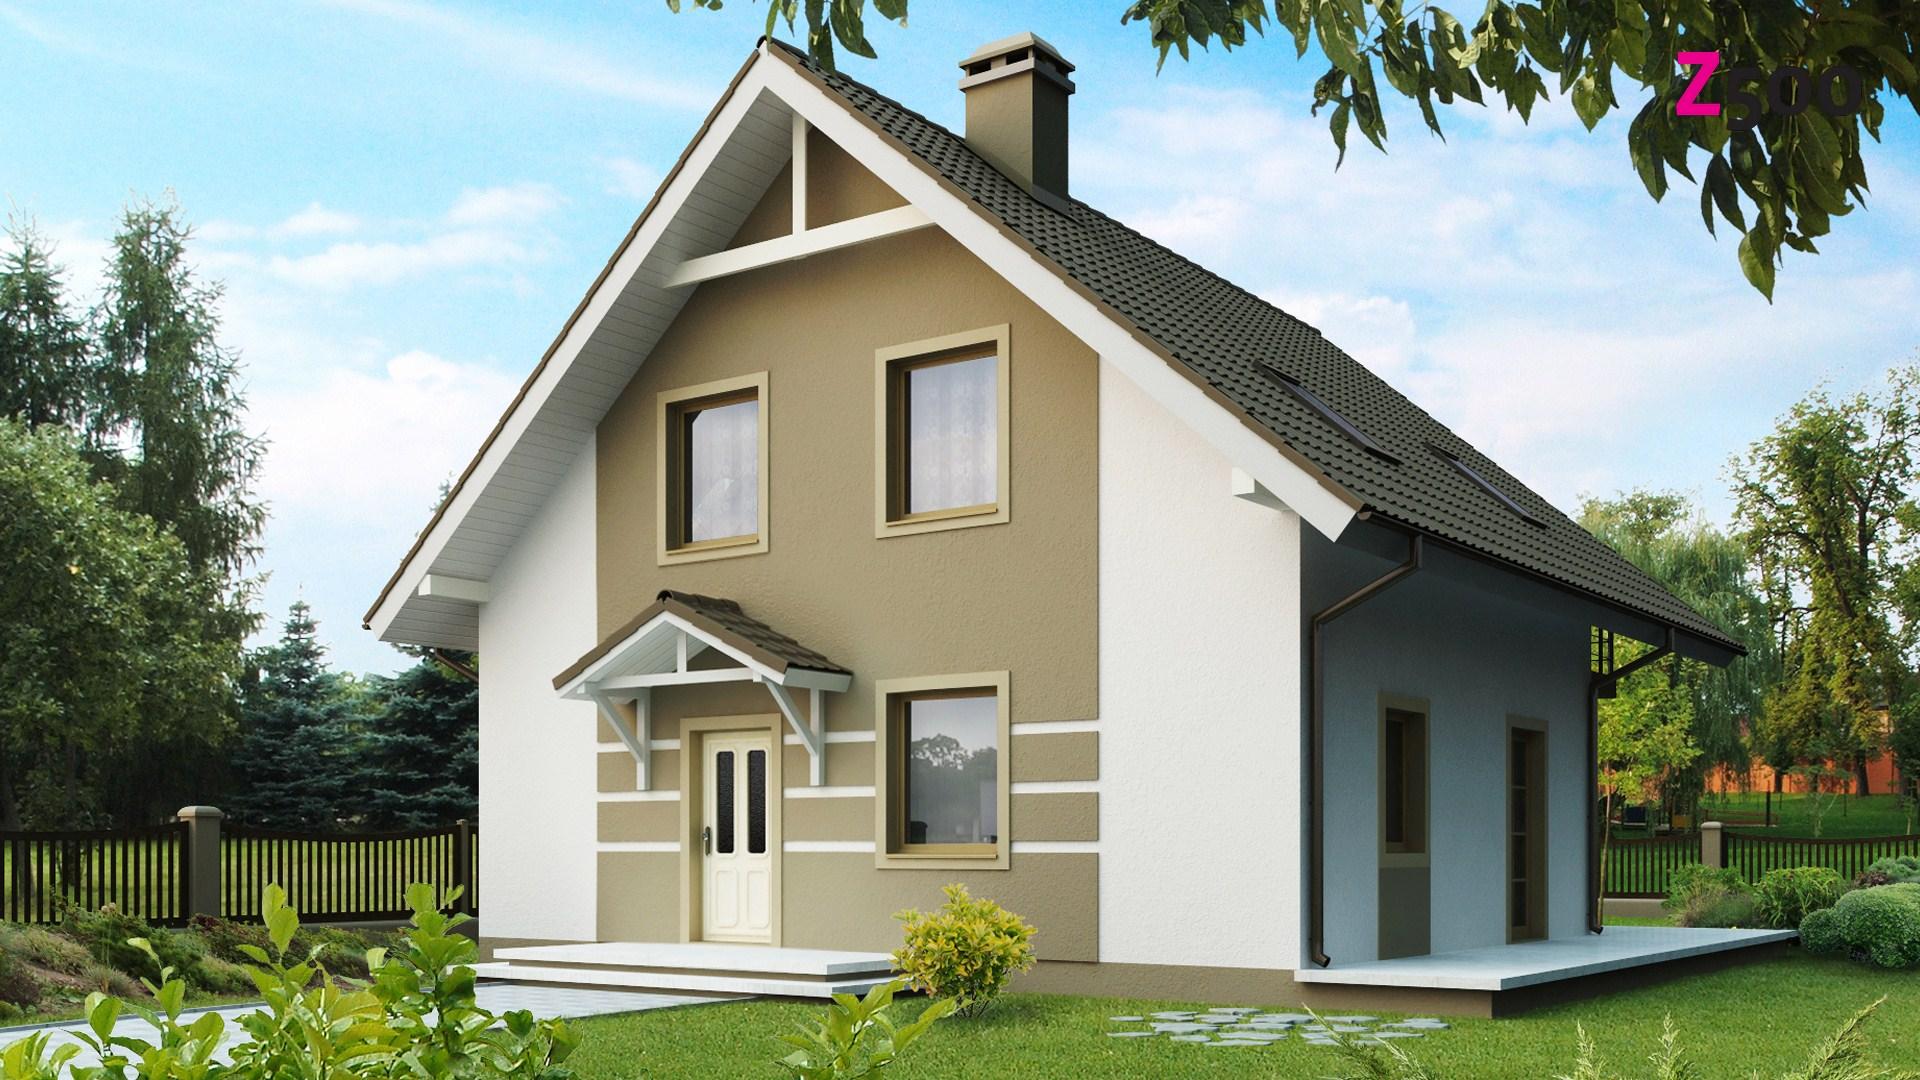 """Дизайн недорогих домов """" картинки и фотографии дизайна кварт."""